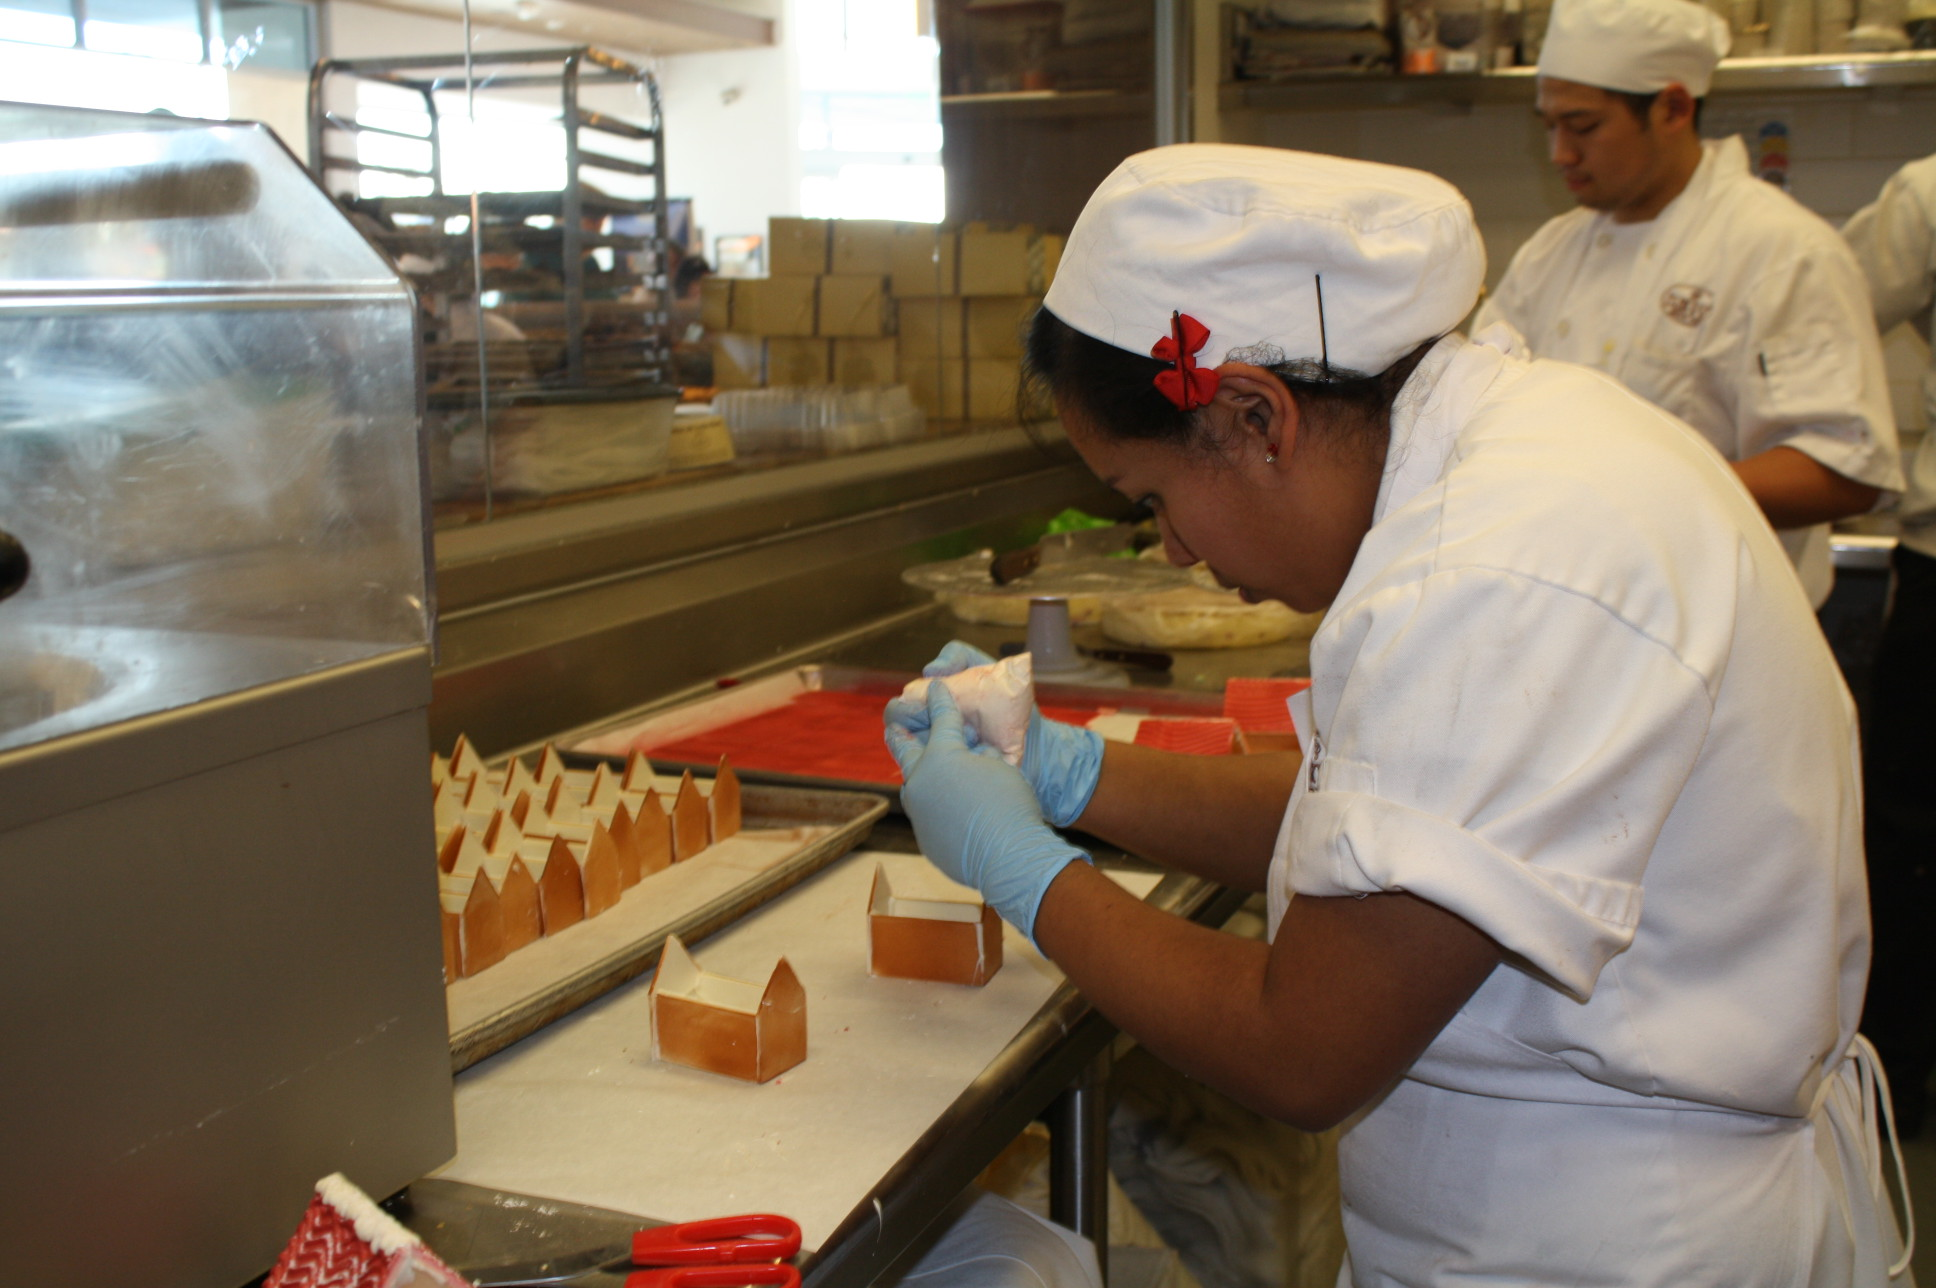 La preparación de los pasteles es meticulosa. (Foto de Agustín Durán/El Pasajero)